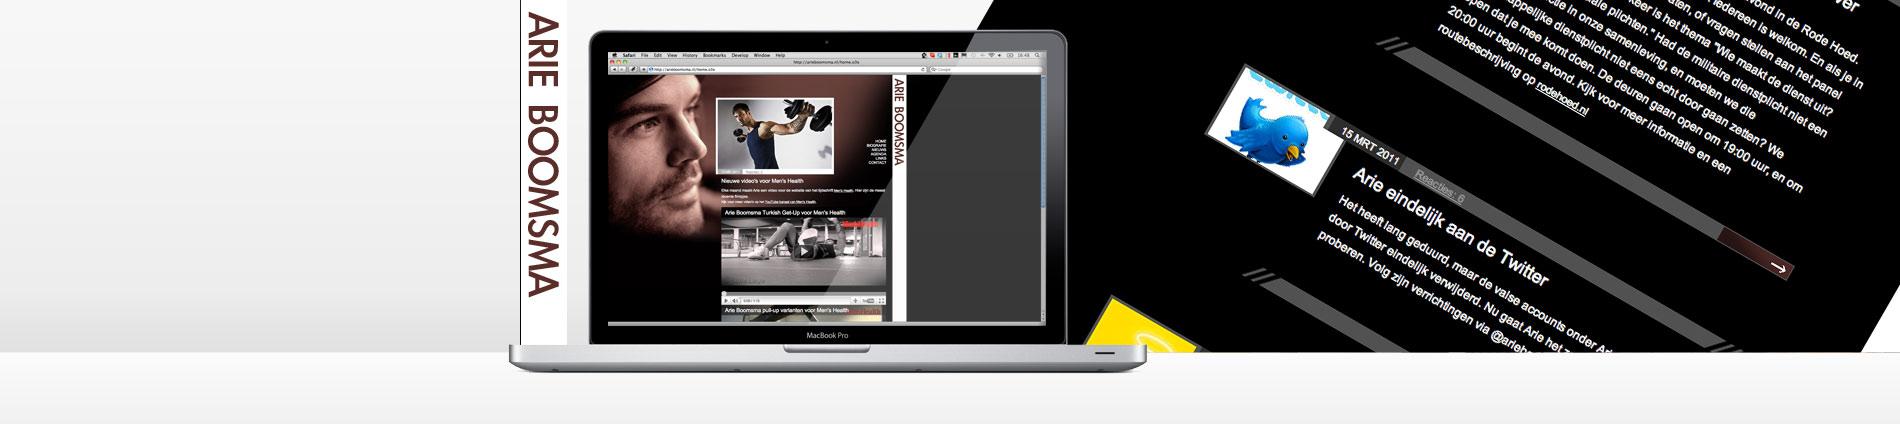 arie boomsma, persoonlijke website l aten maken, personal branding